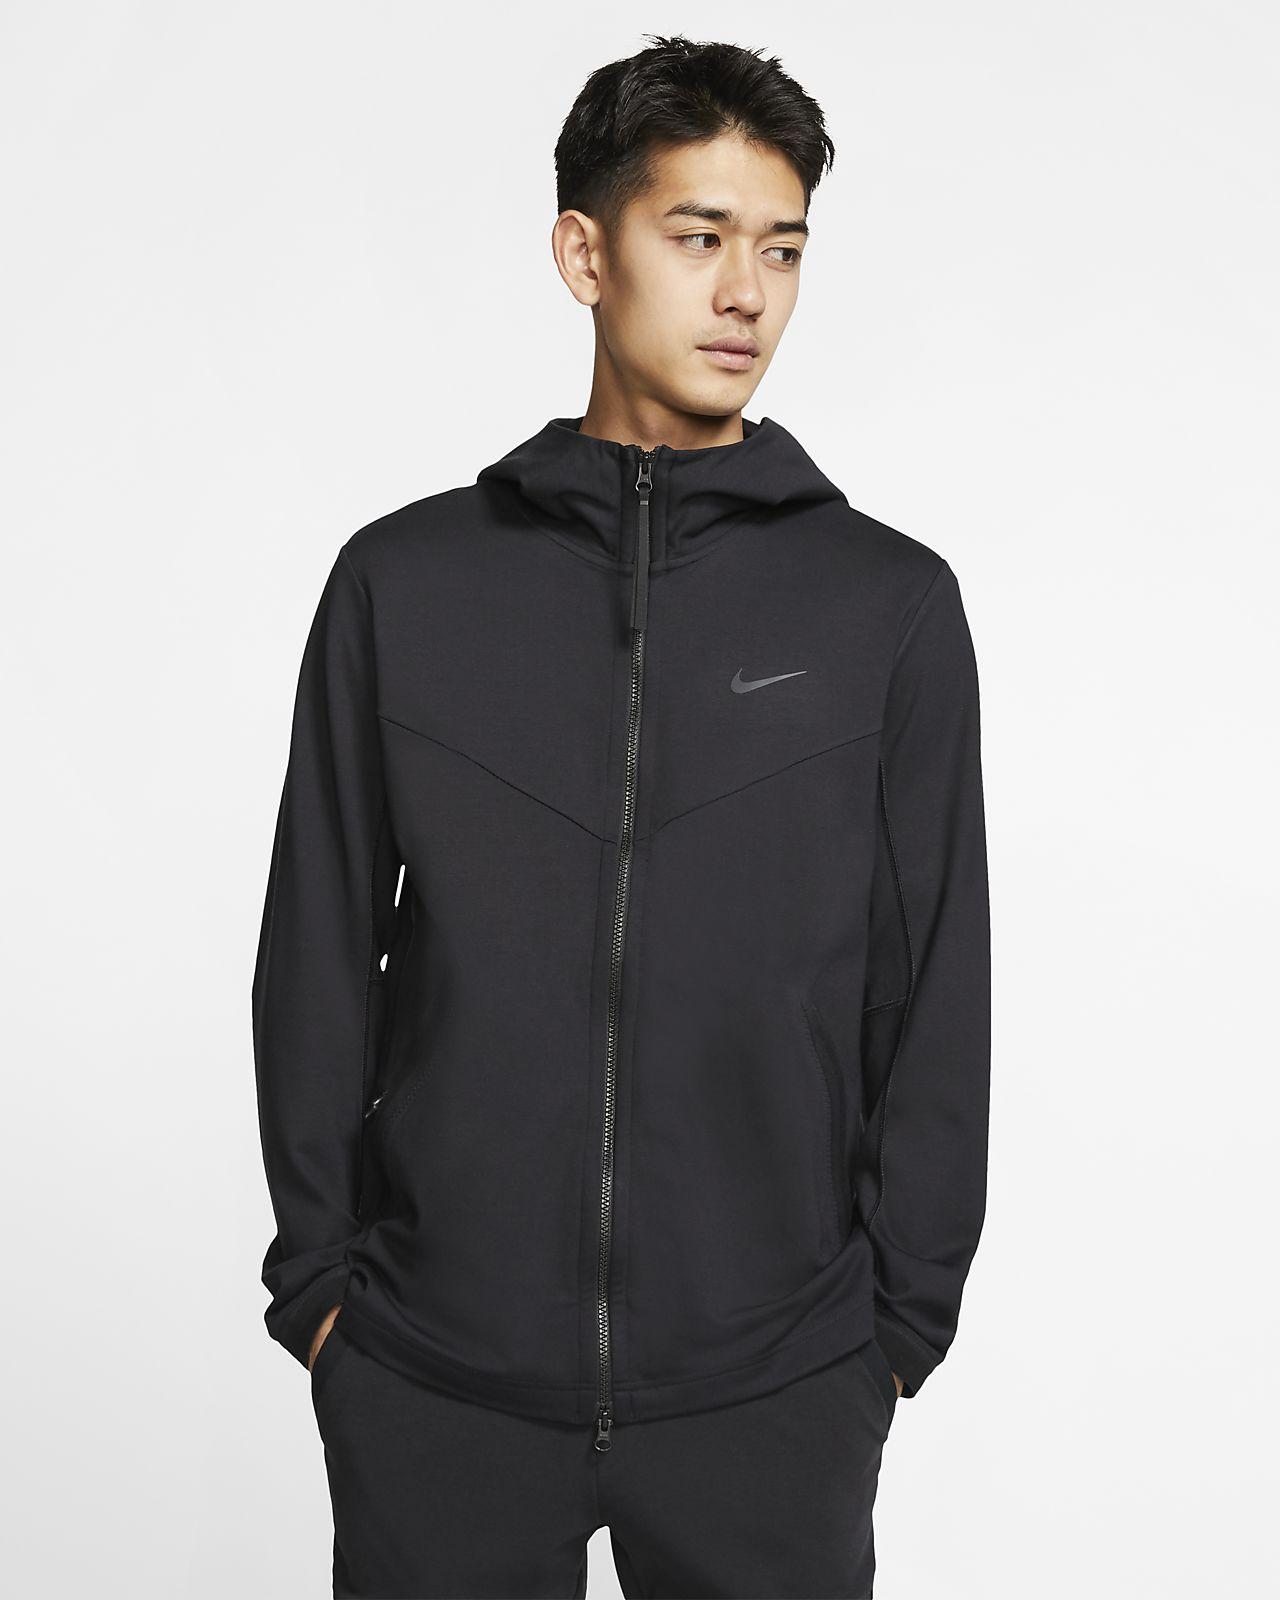 เสื้อแจ็คเก็ตมีฮู้ดซิปยาวผู้ชาย Nike Sportswear Tech Pack